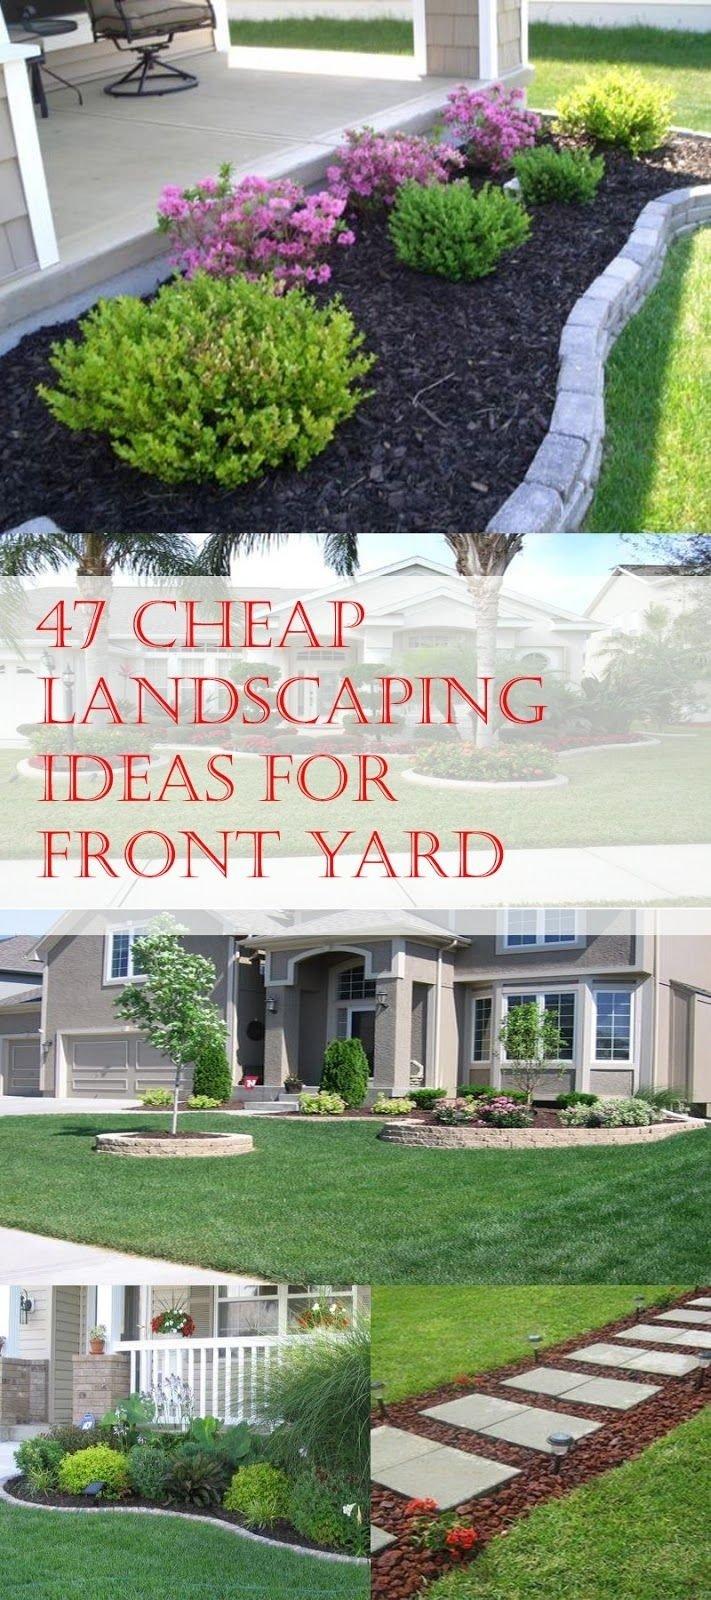 10 Unique Cheap Front Yard Landscaping Ideas 47 cheap landscaping ideas for front yard cheap landscaping ideas 1 2021